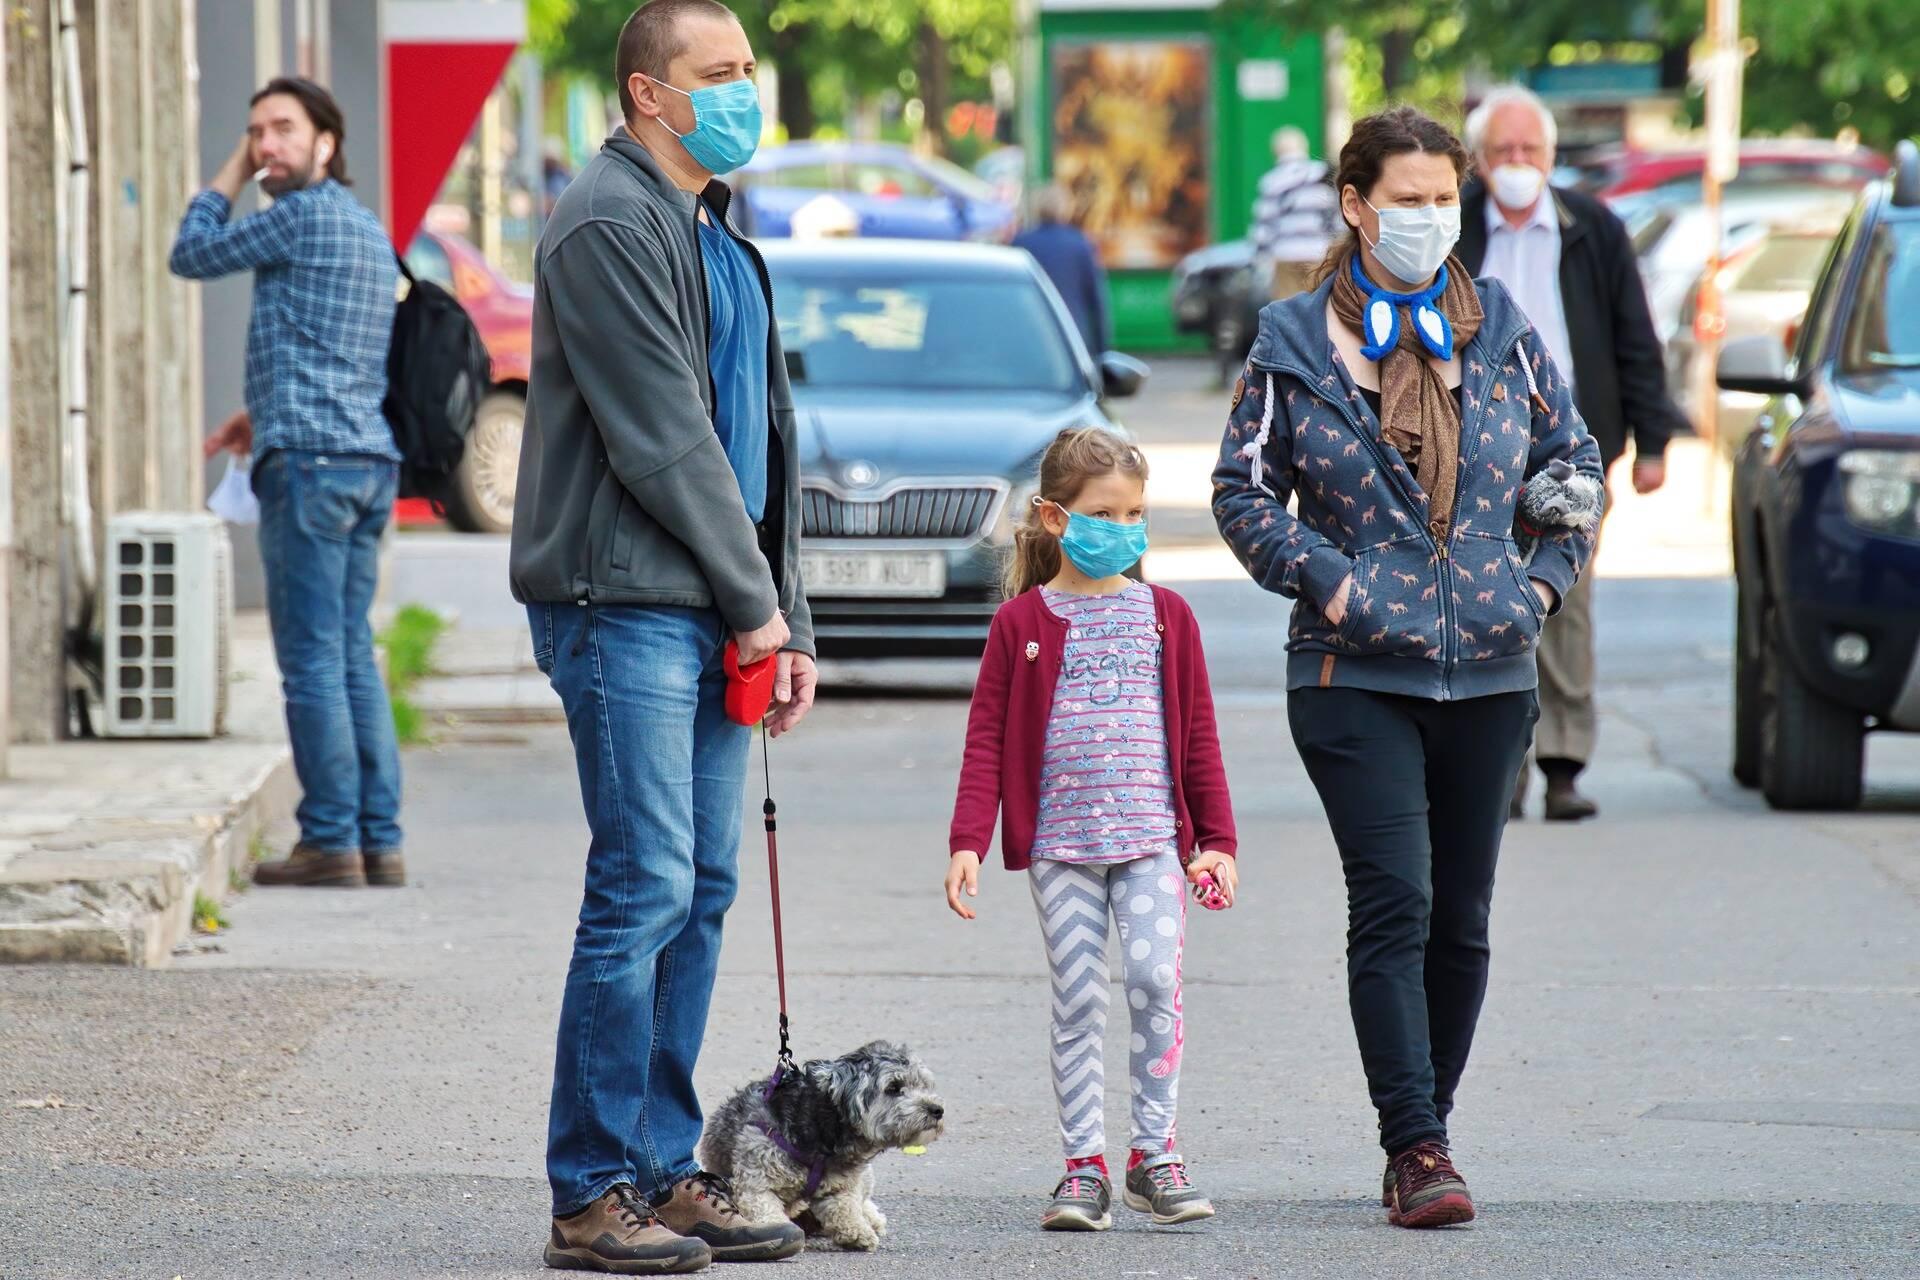 Cão menos empolgado com os passeios durante pandemia